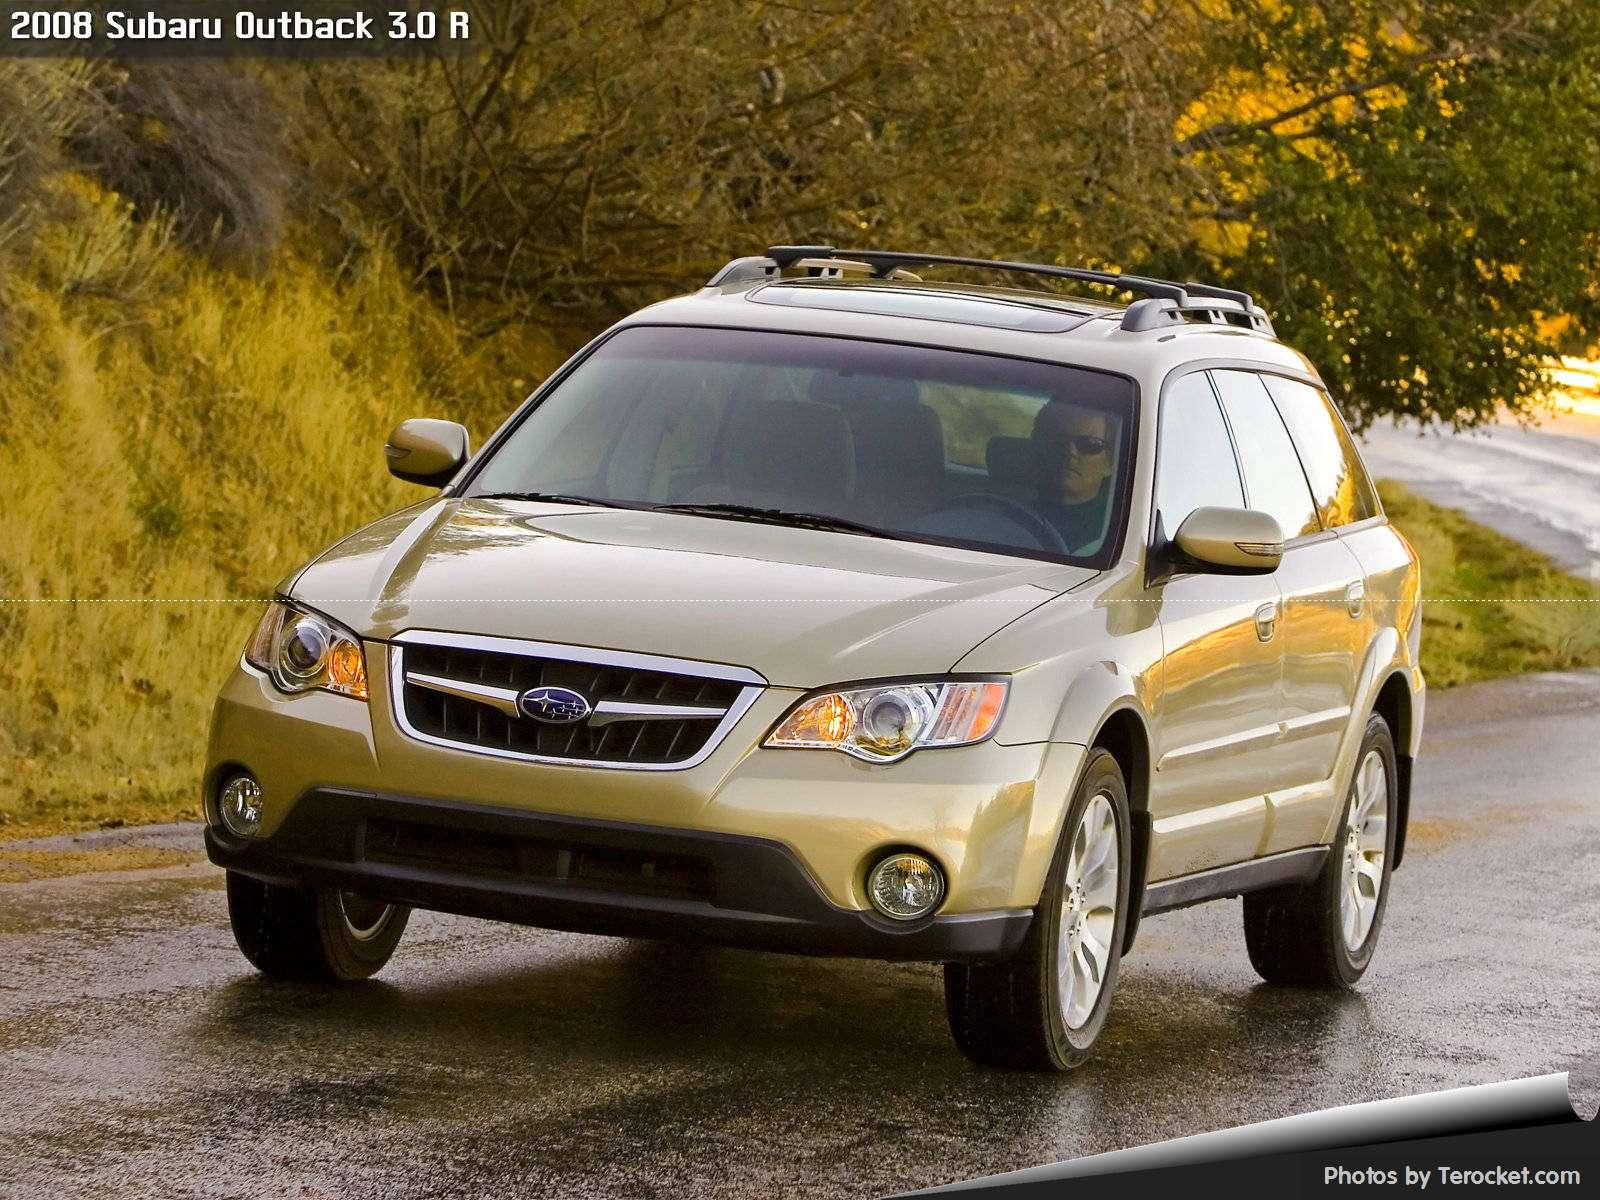 Hình ảnh xe ô tô Subaru Outback 3.0 R 2008 & nội ngoại thất